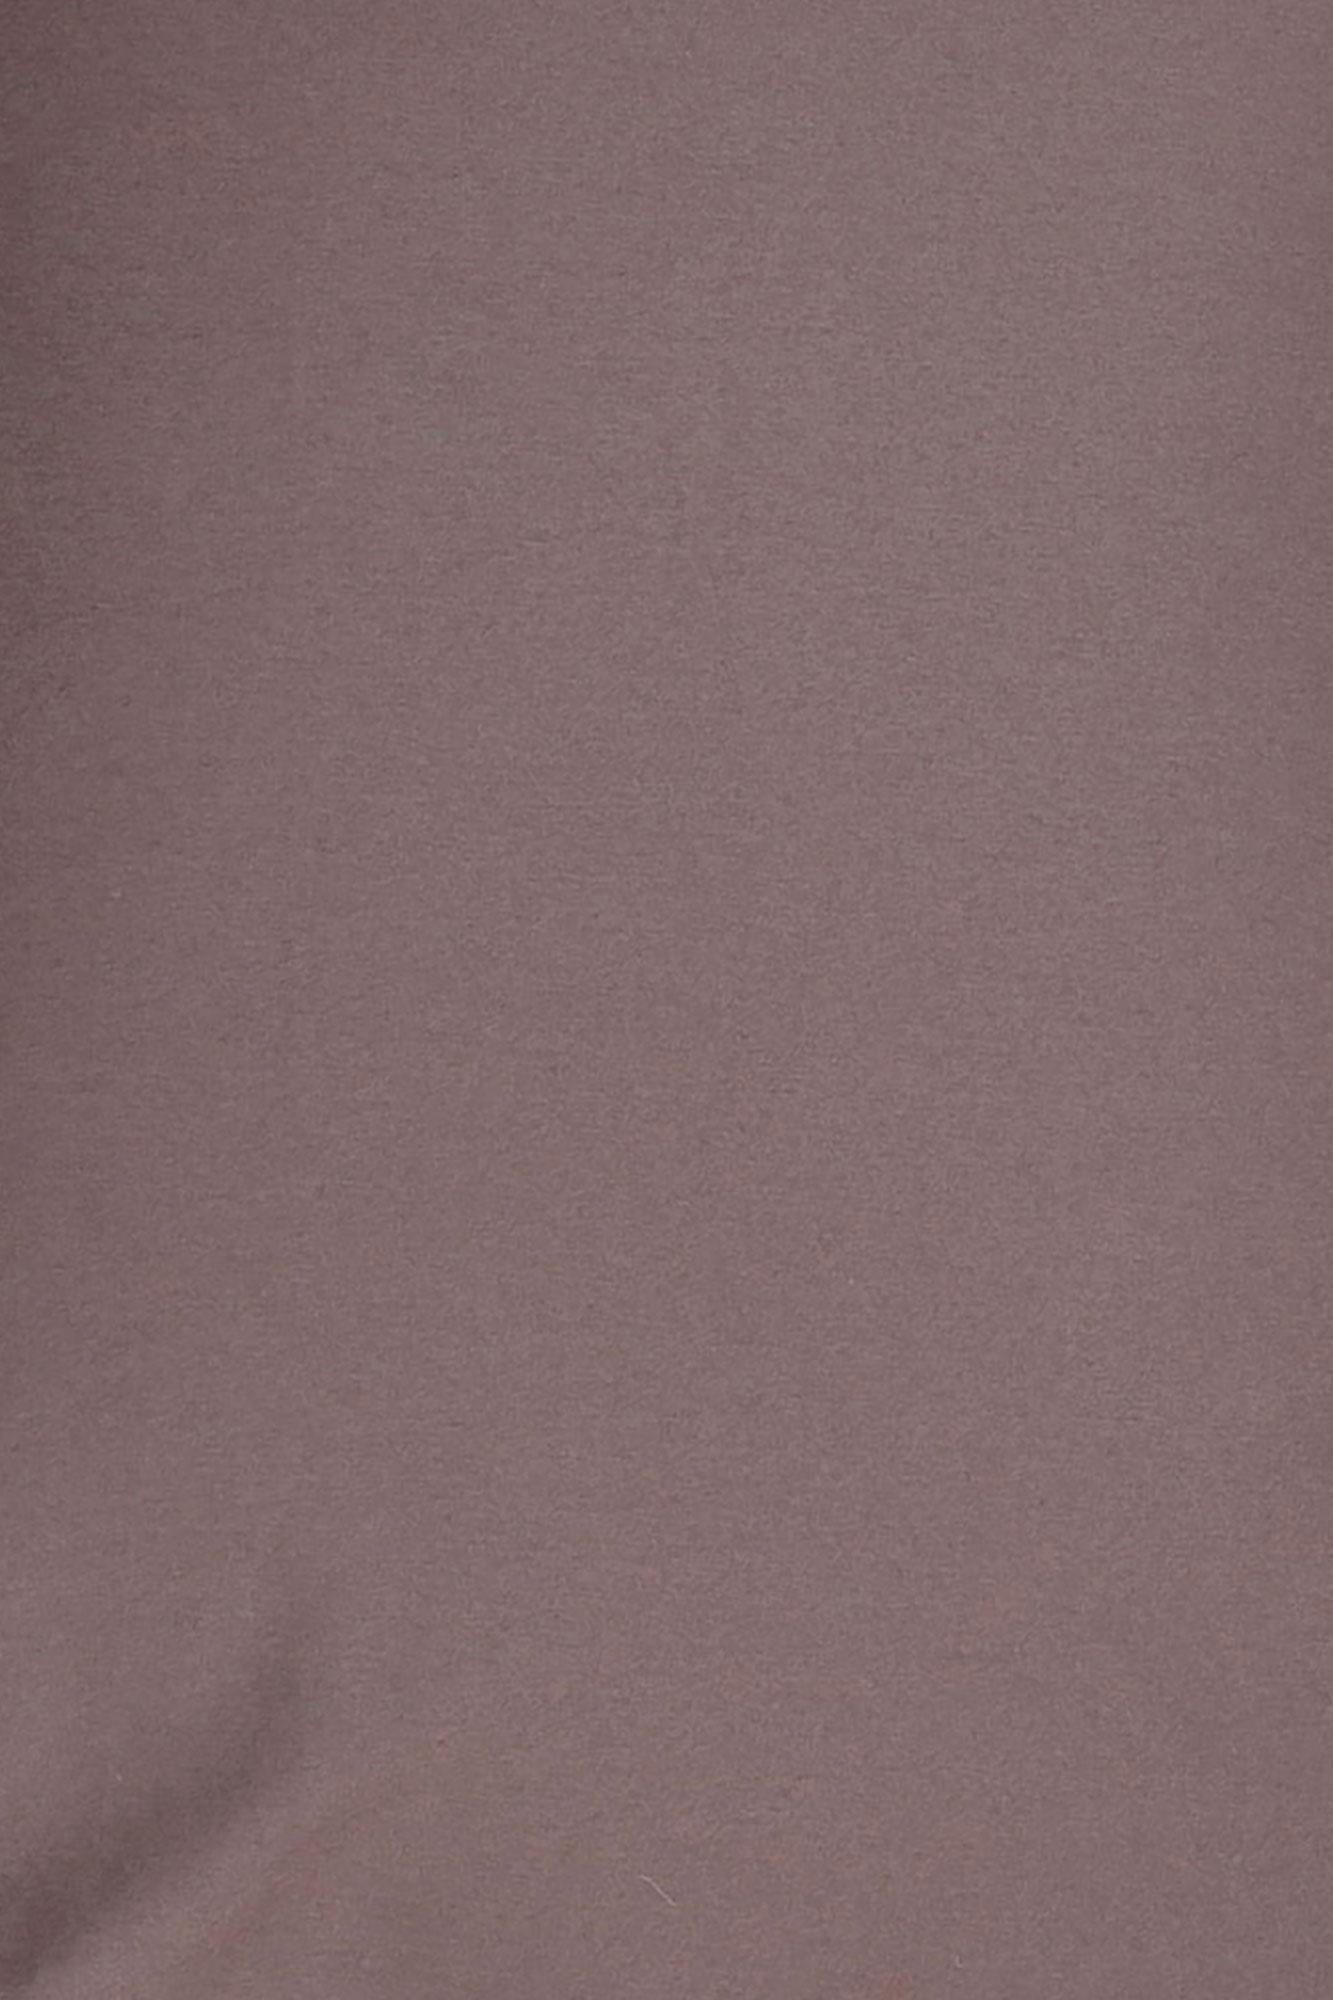 Lençol de elástico solteiro Grafite (sarja)